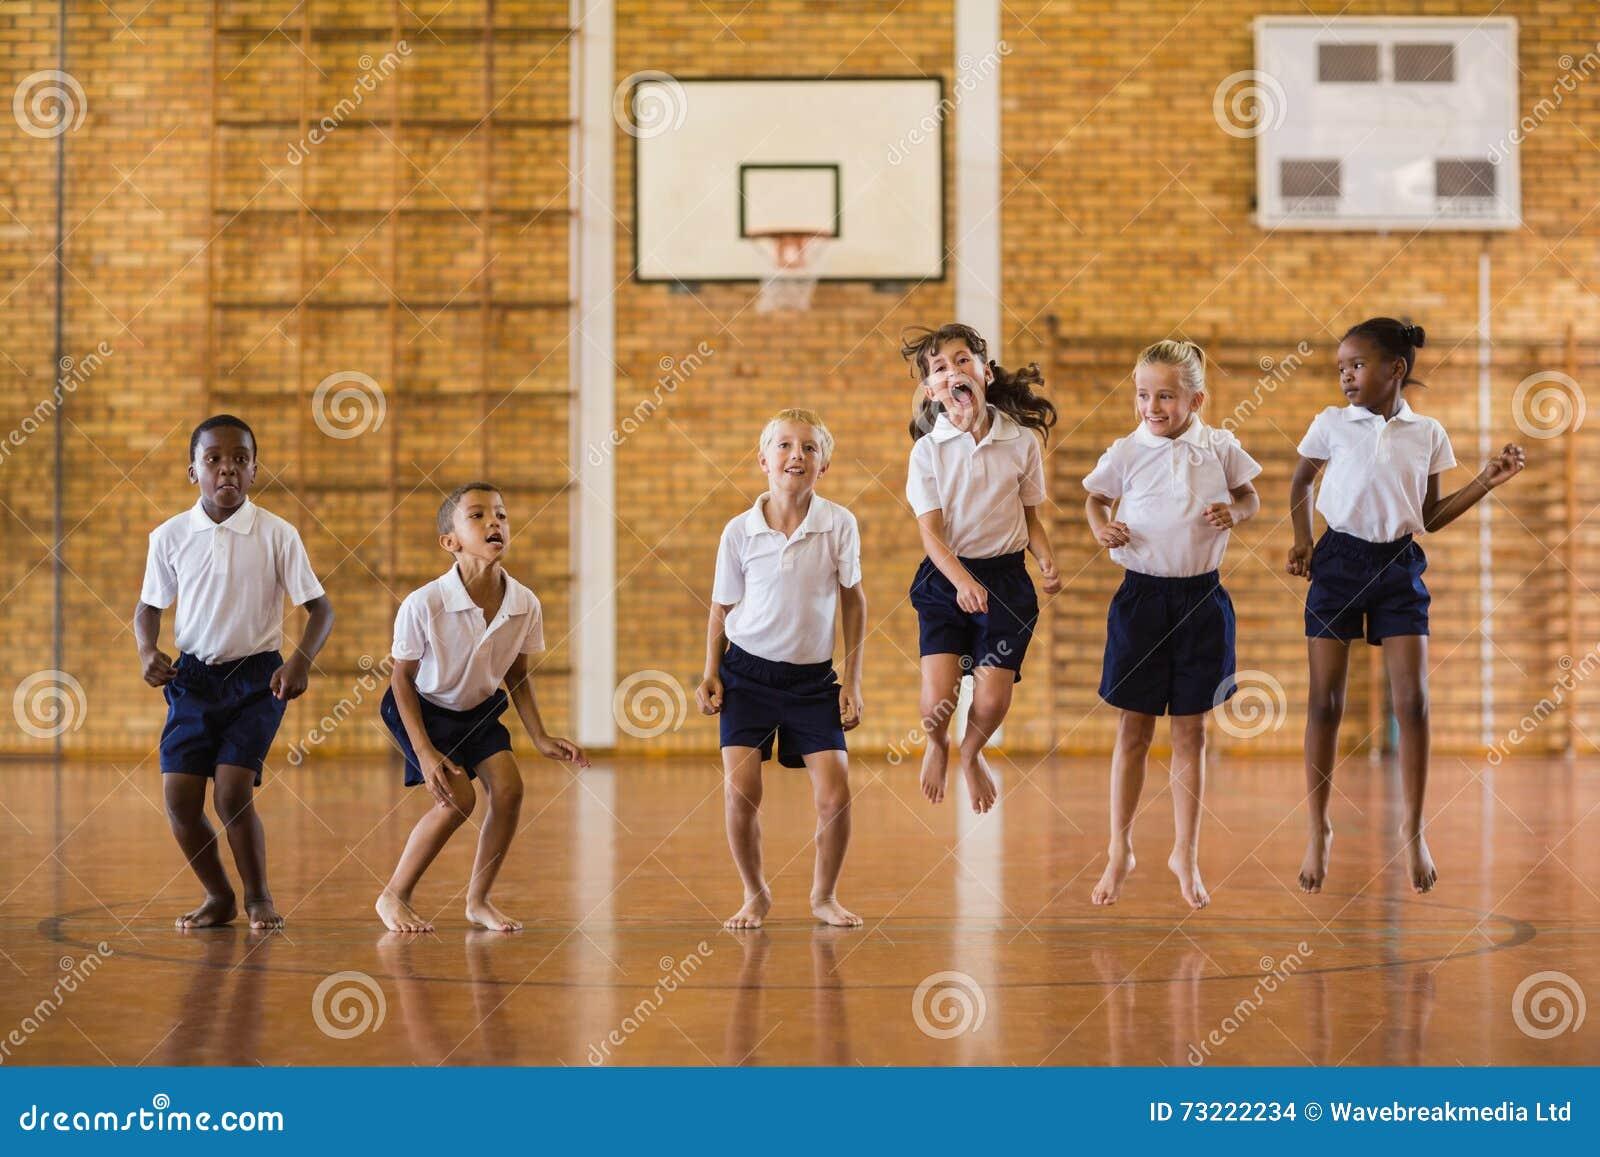 Grupo de estudiantes que saltan en gimnasio de la escuela